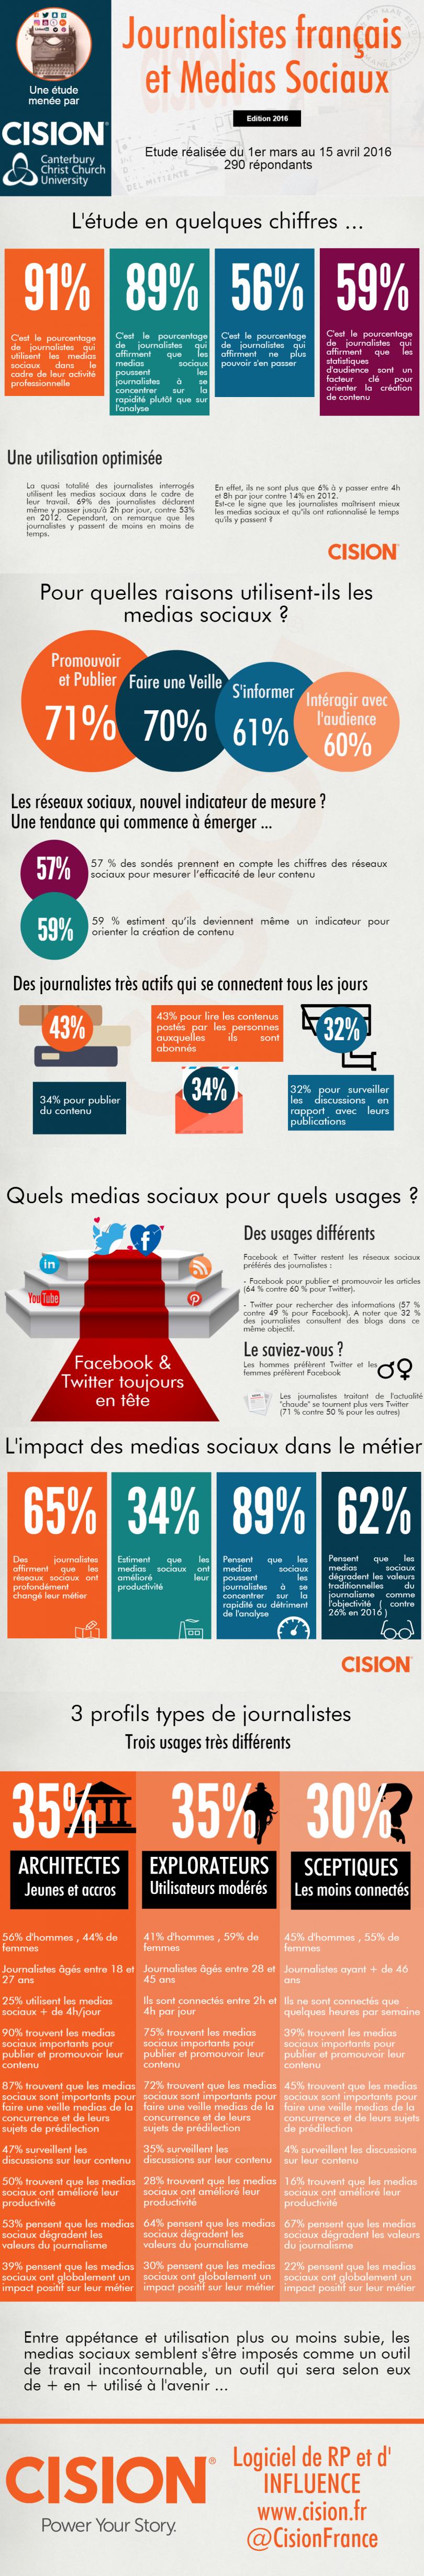 infographie-304-journalistes-medias-sociaux-cision